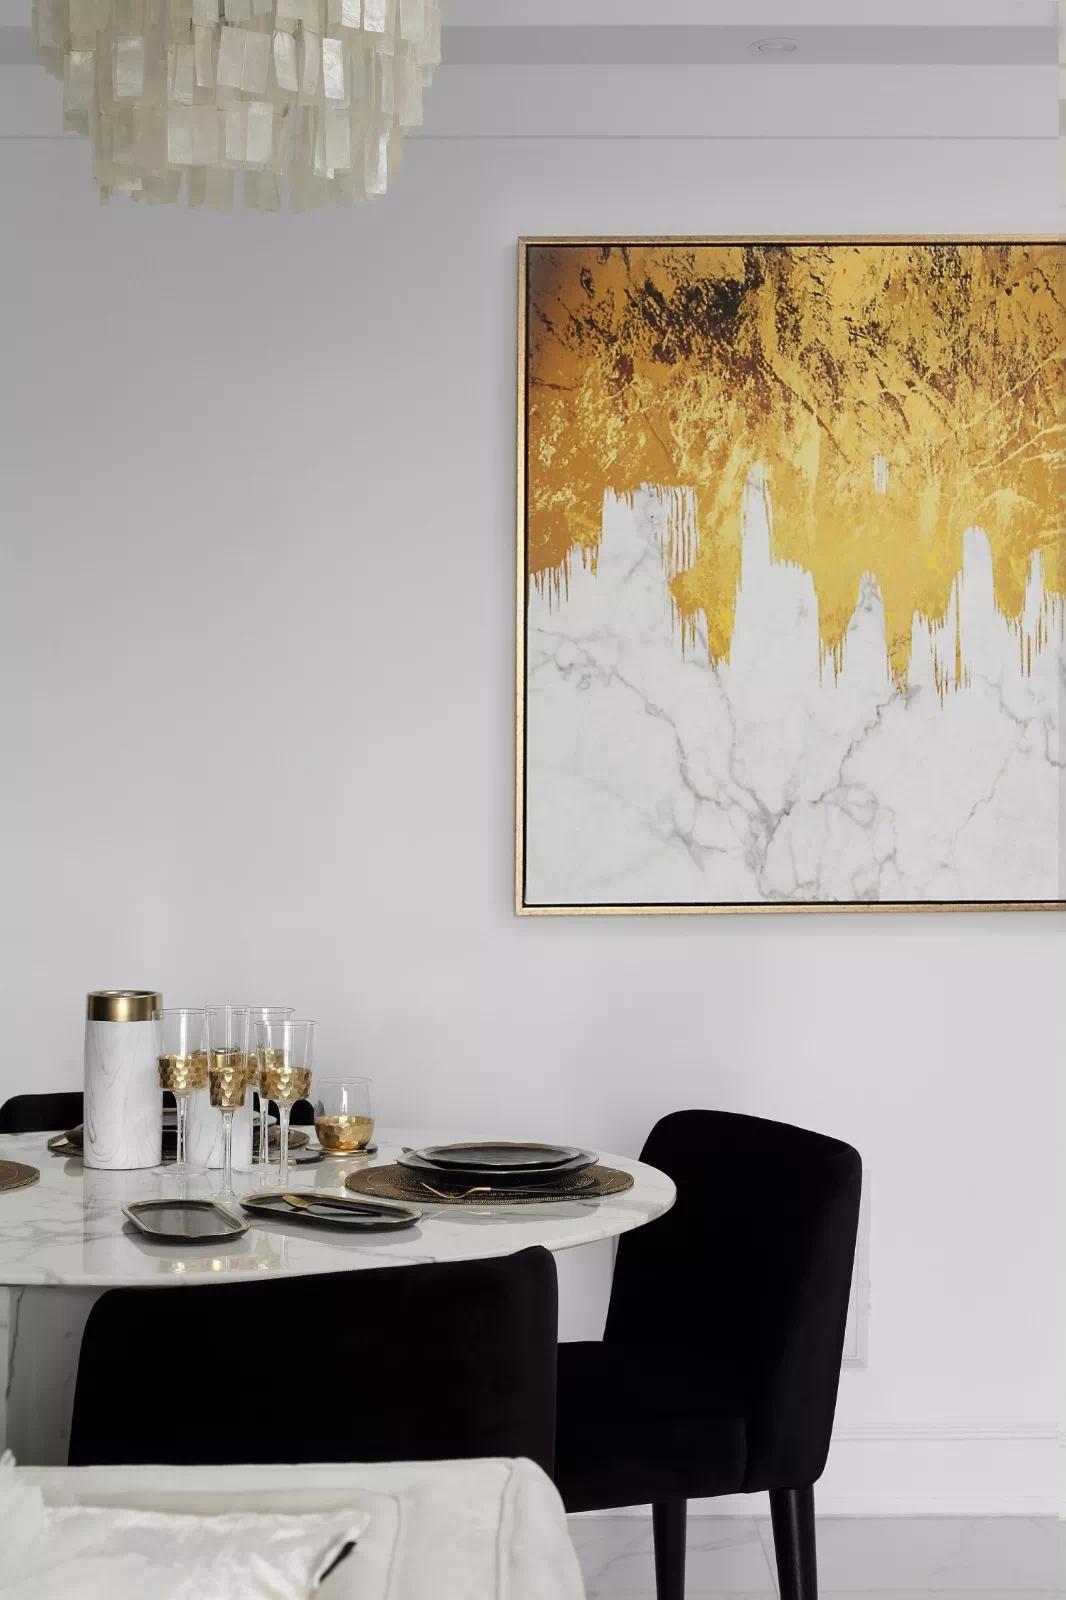 打造高级感的家,低调而奢华,你需要黄铜元素! 高级感 黄铜元素 第21张